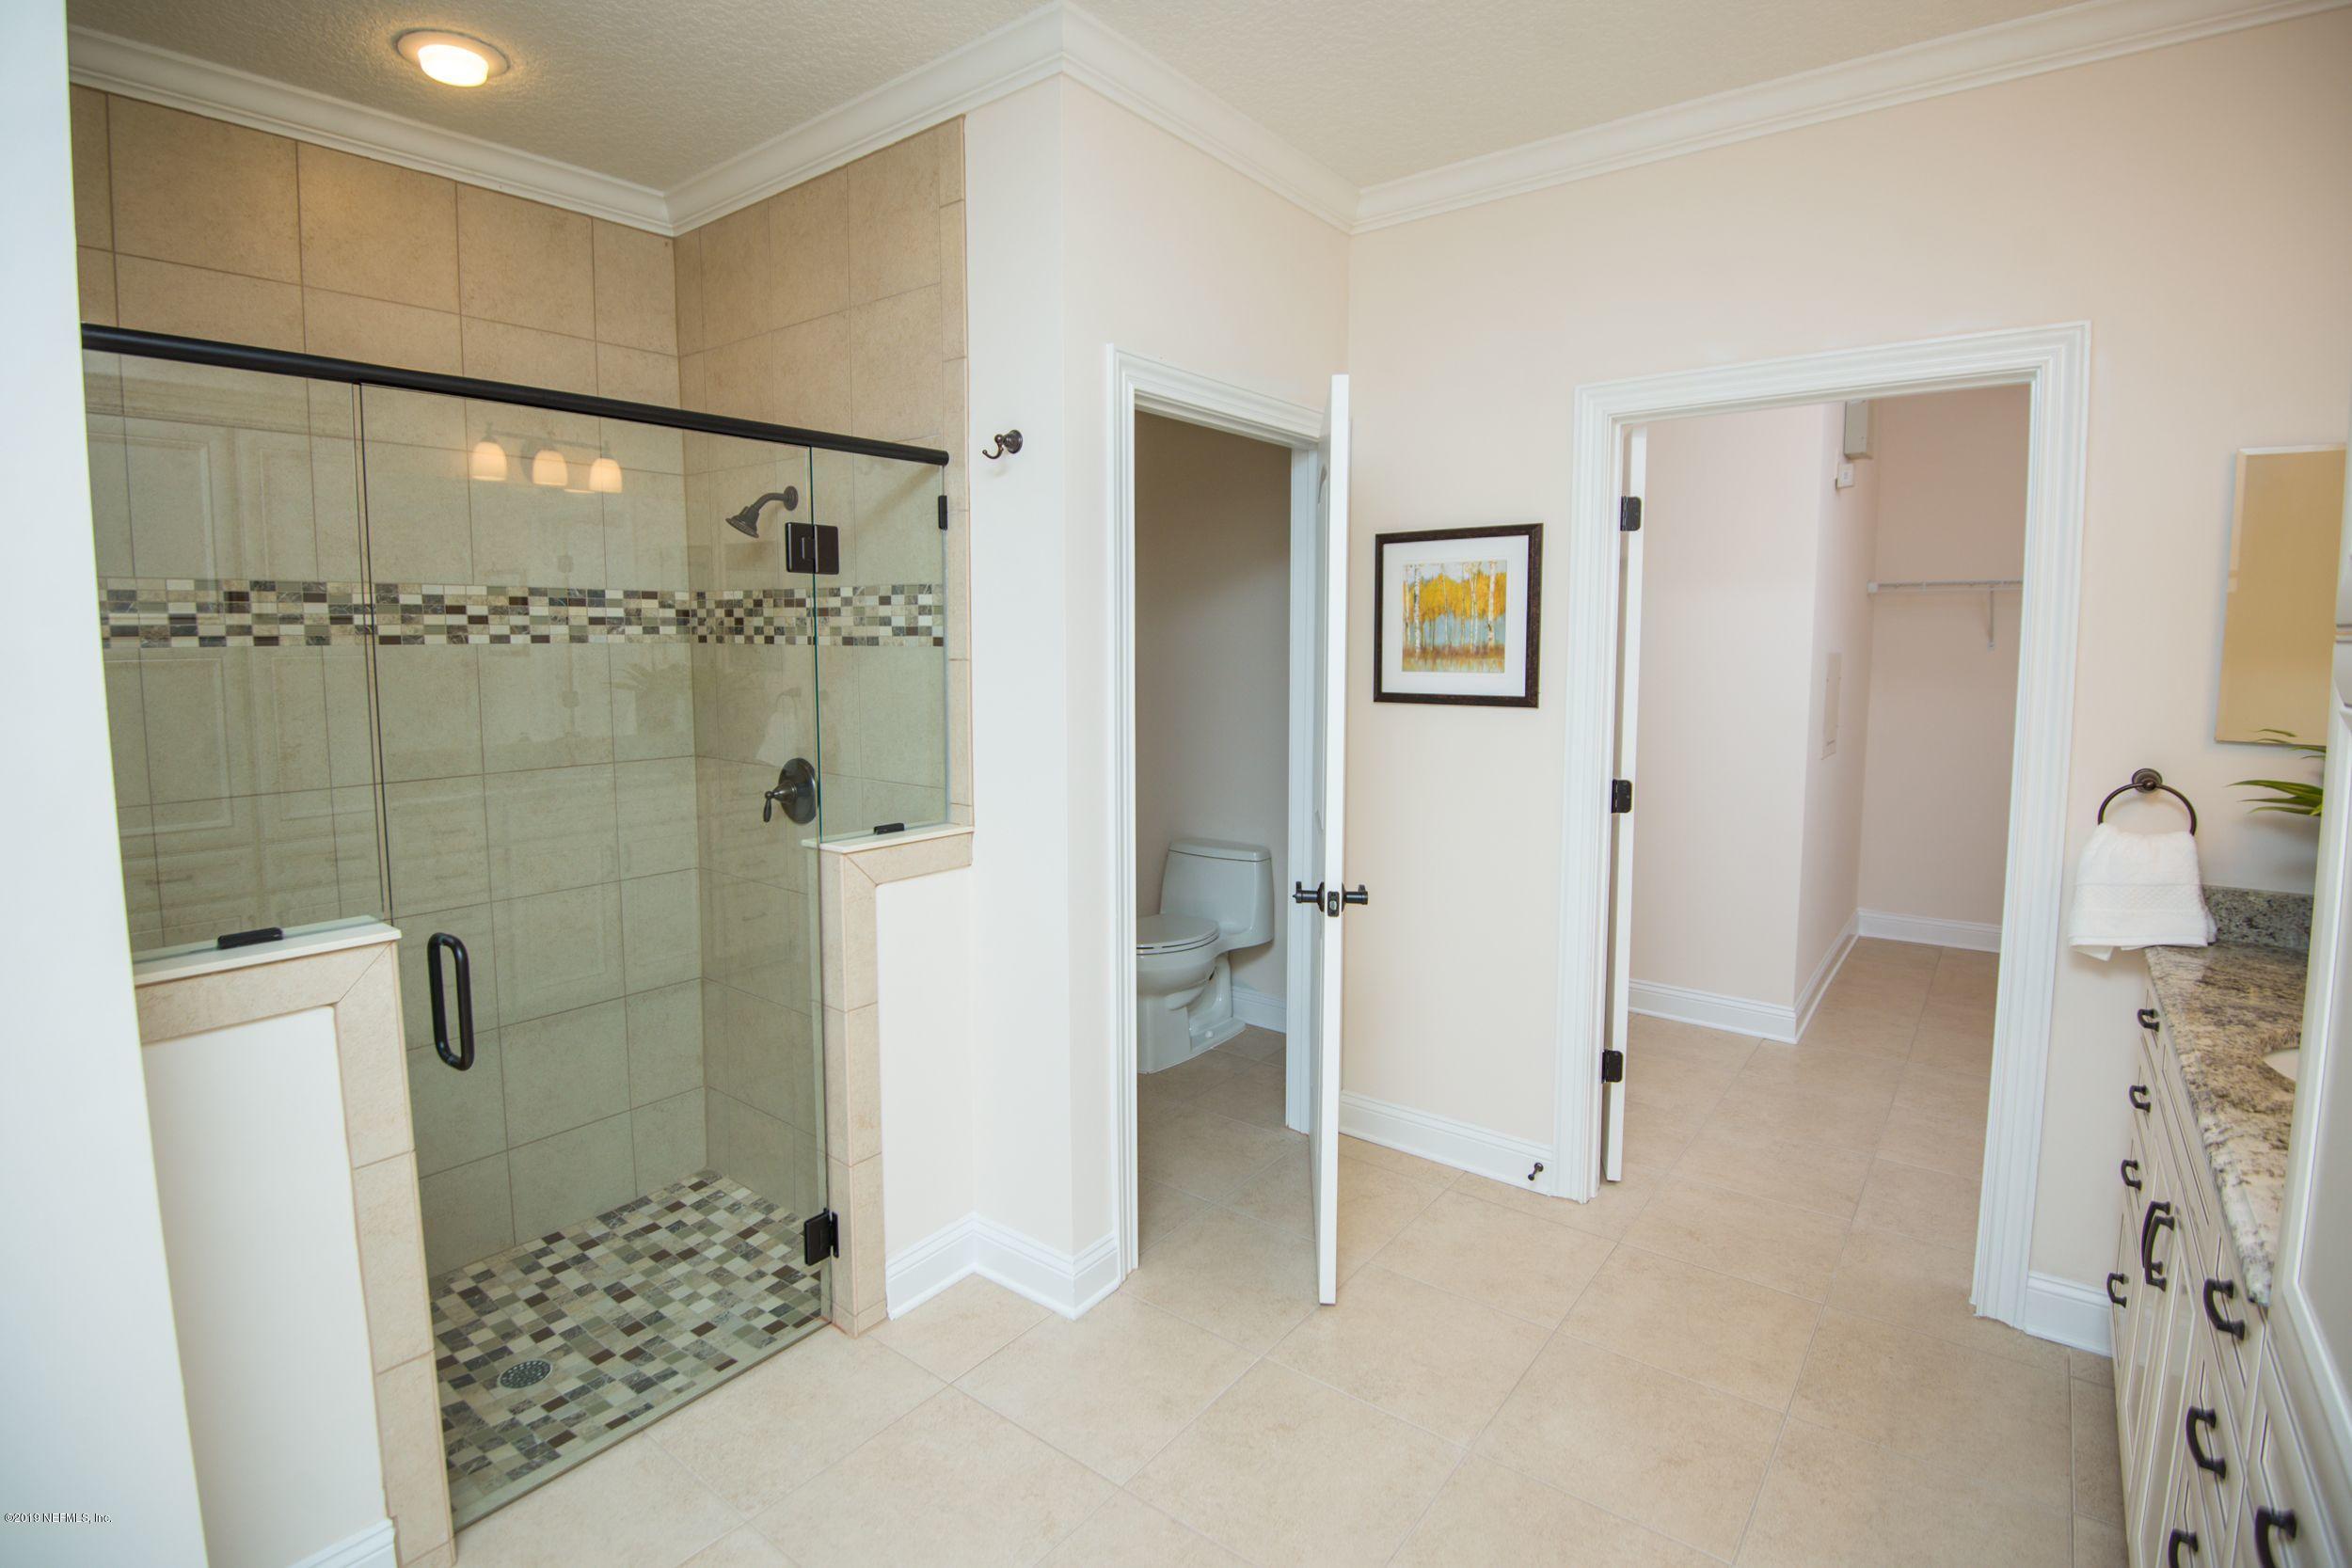 46 ALAFIA, ST AUGUSTINE, FLORIDA 32084, 2 Bedrooms Bedrooms, ,2 BathroomsBathrooms,Condo,For sale,ALAFIA,989573